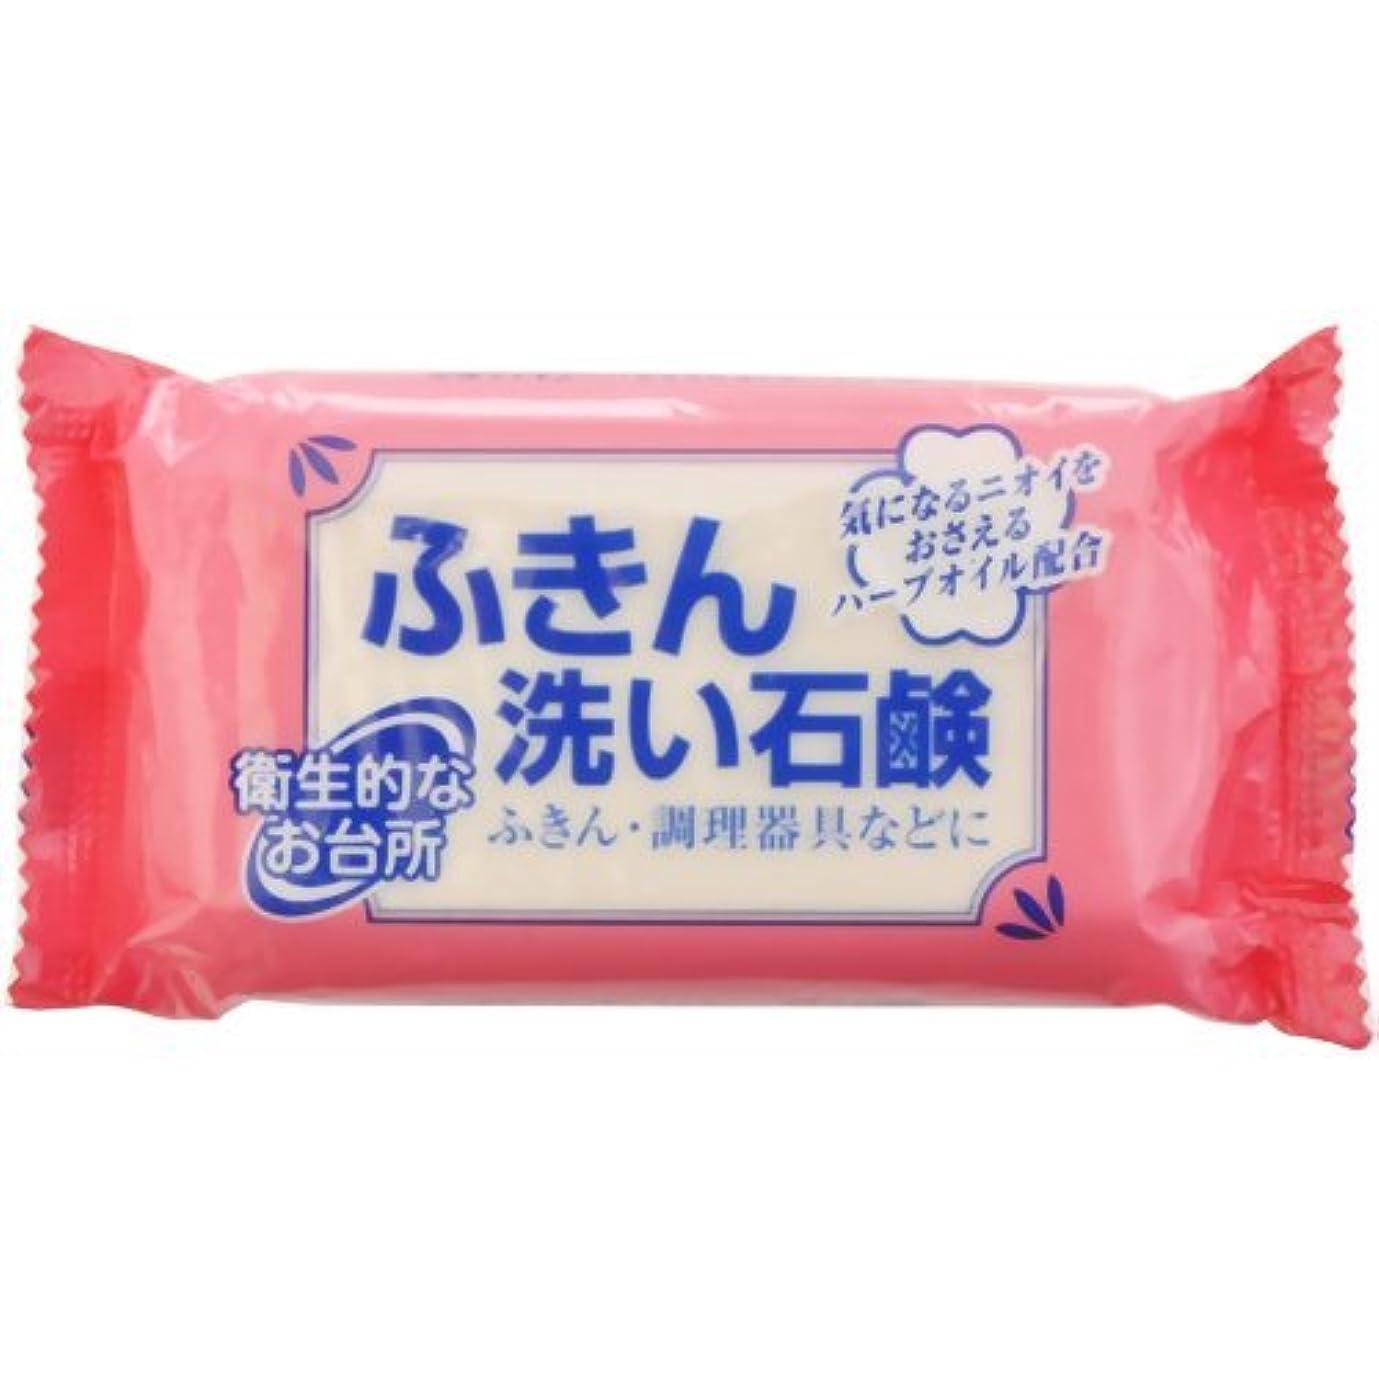 移動出口入札ふきん洗い石鹸 135g